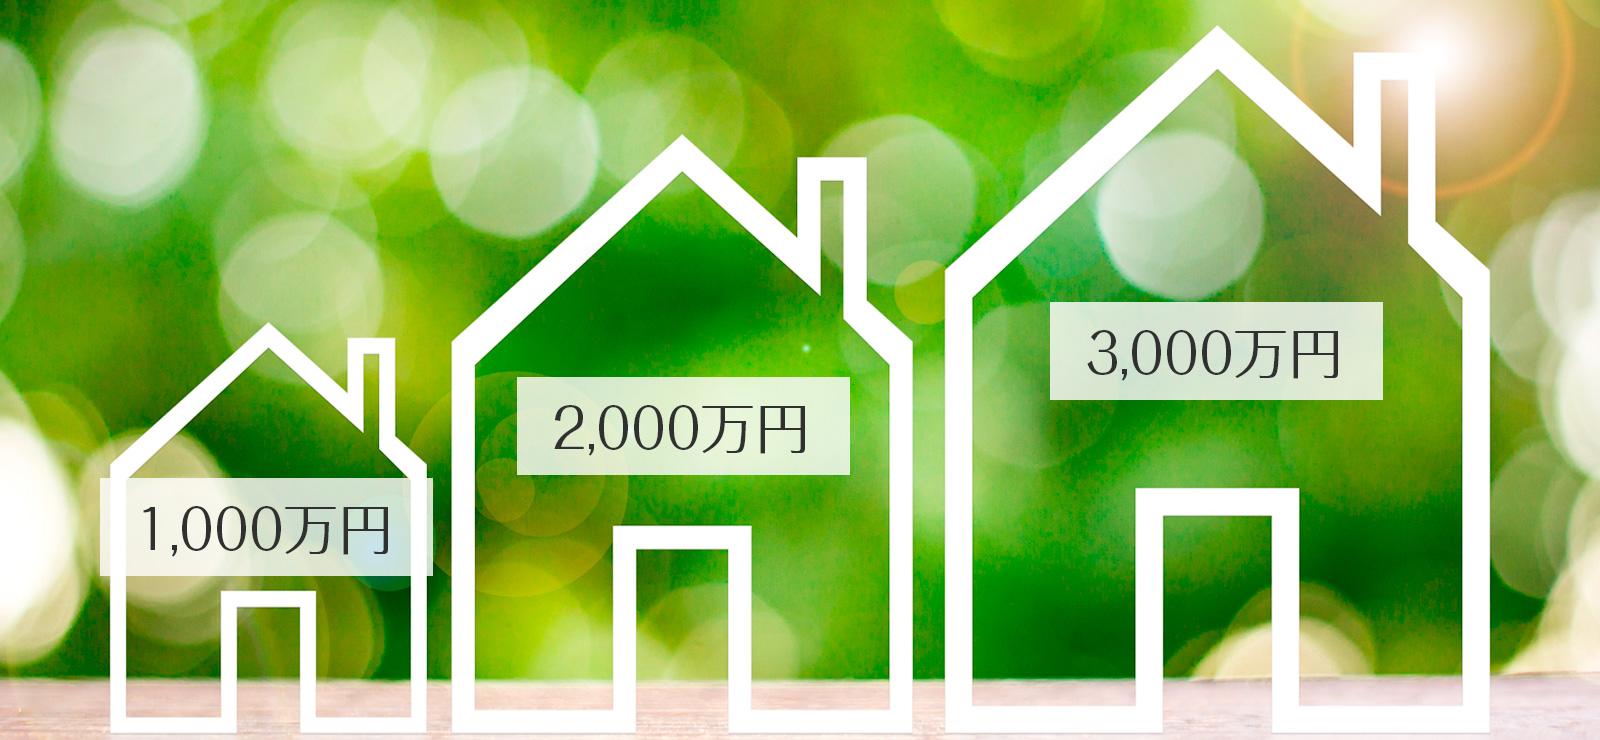 各ハウスメーカーの見積もり金額を比較